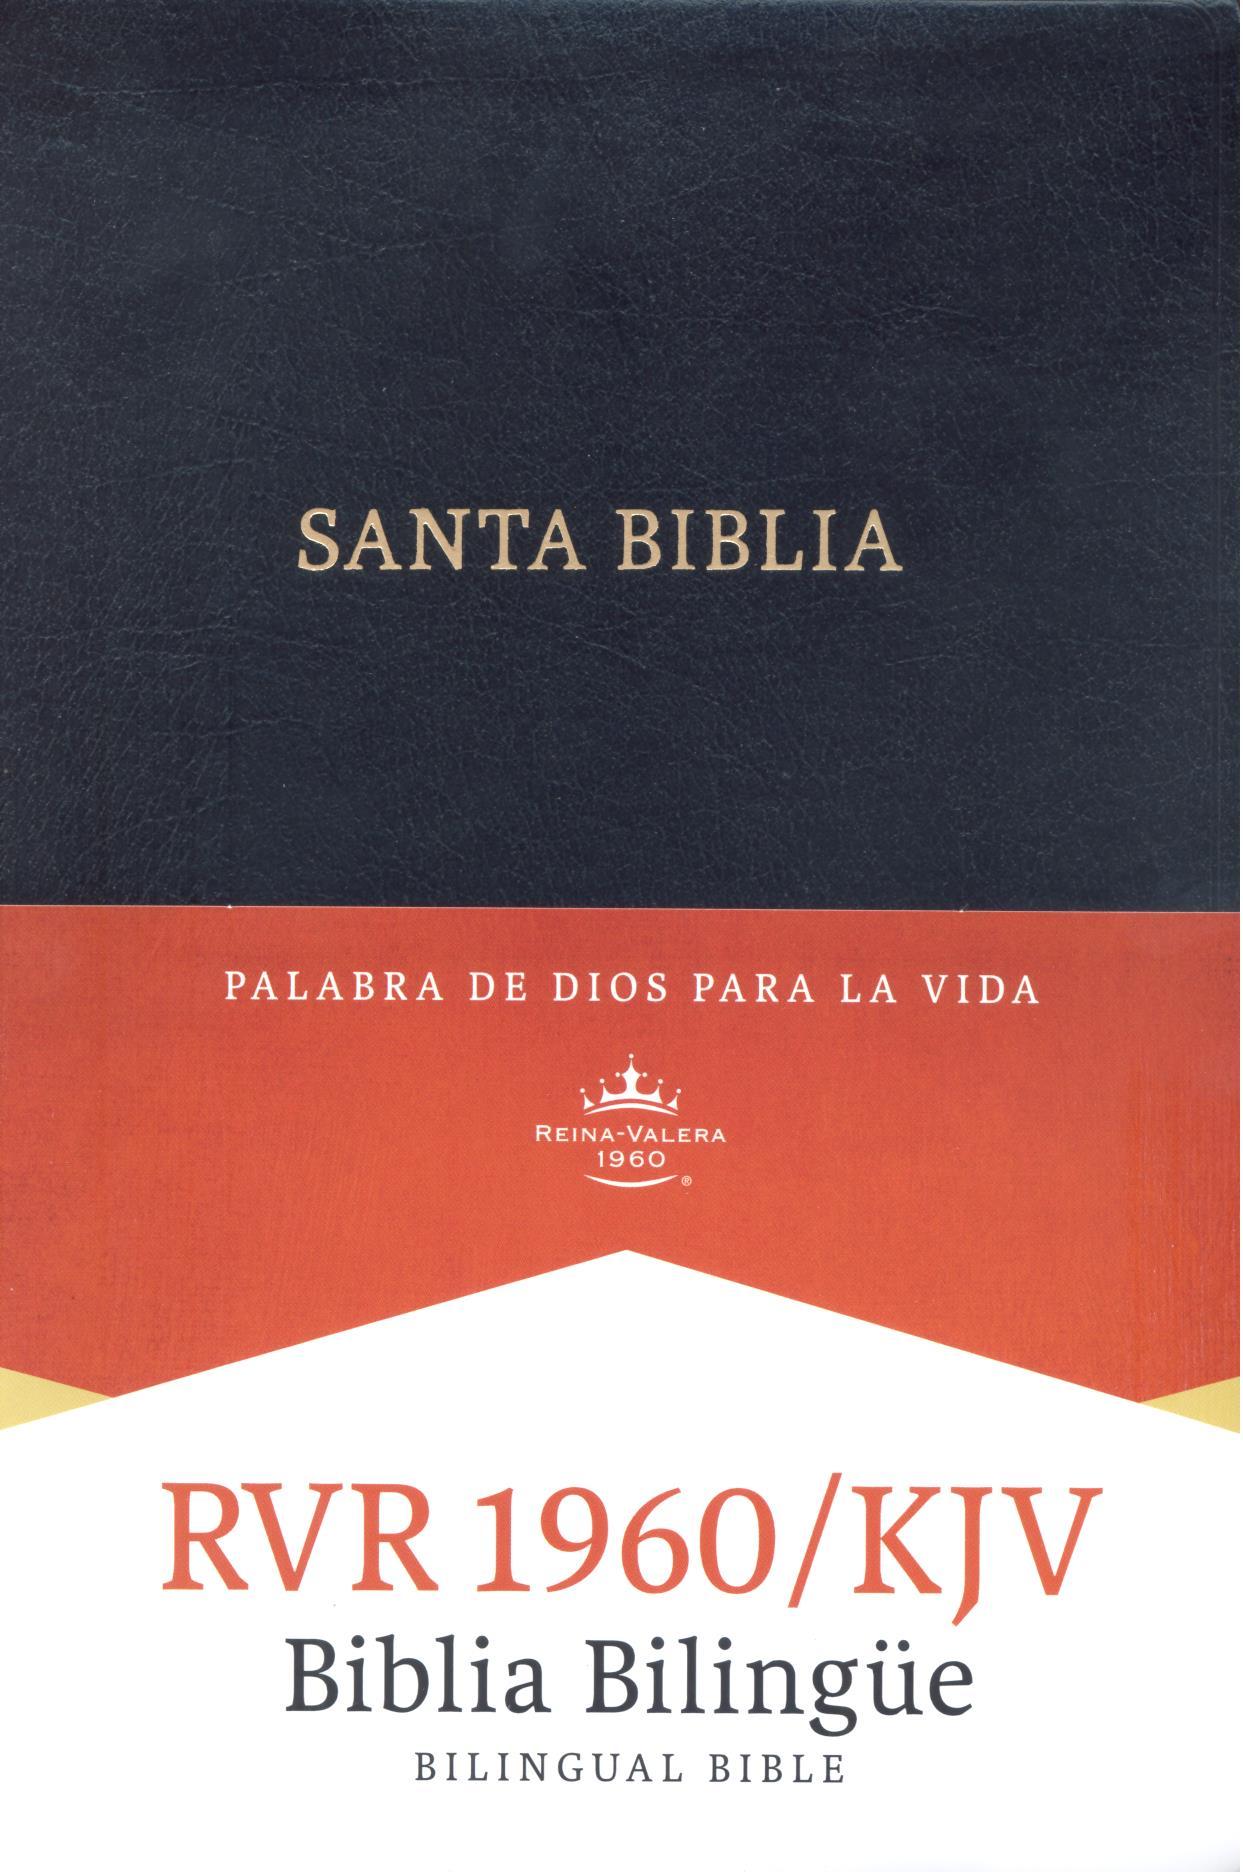 bible reina valera 1960 in english